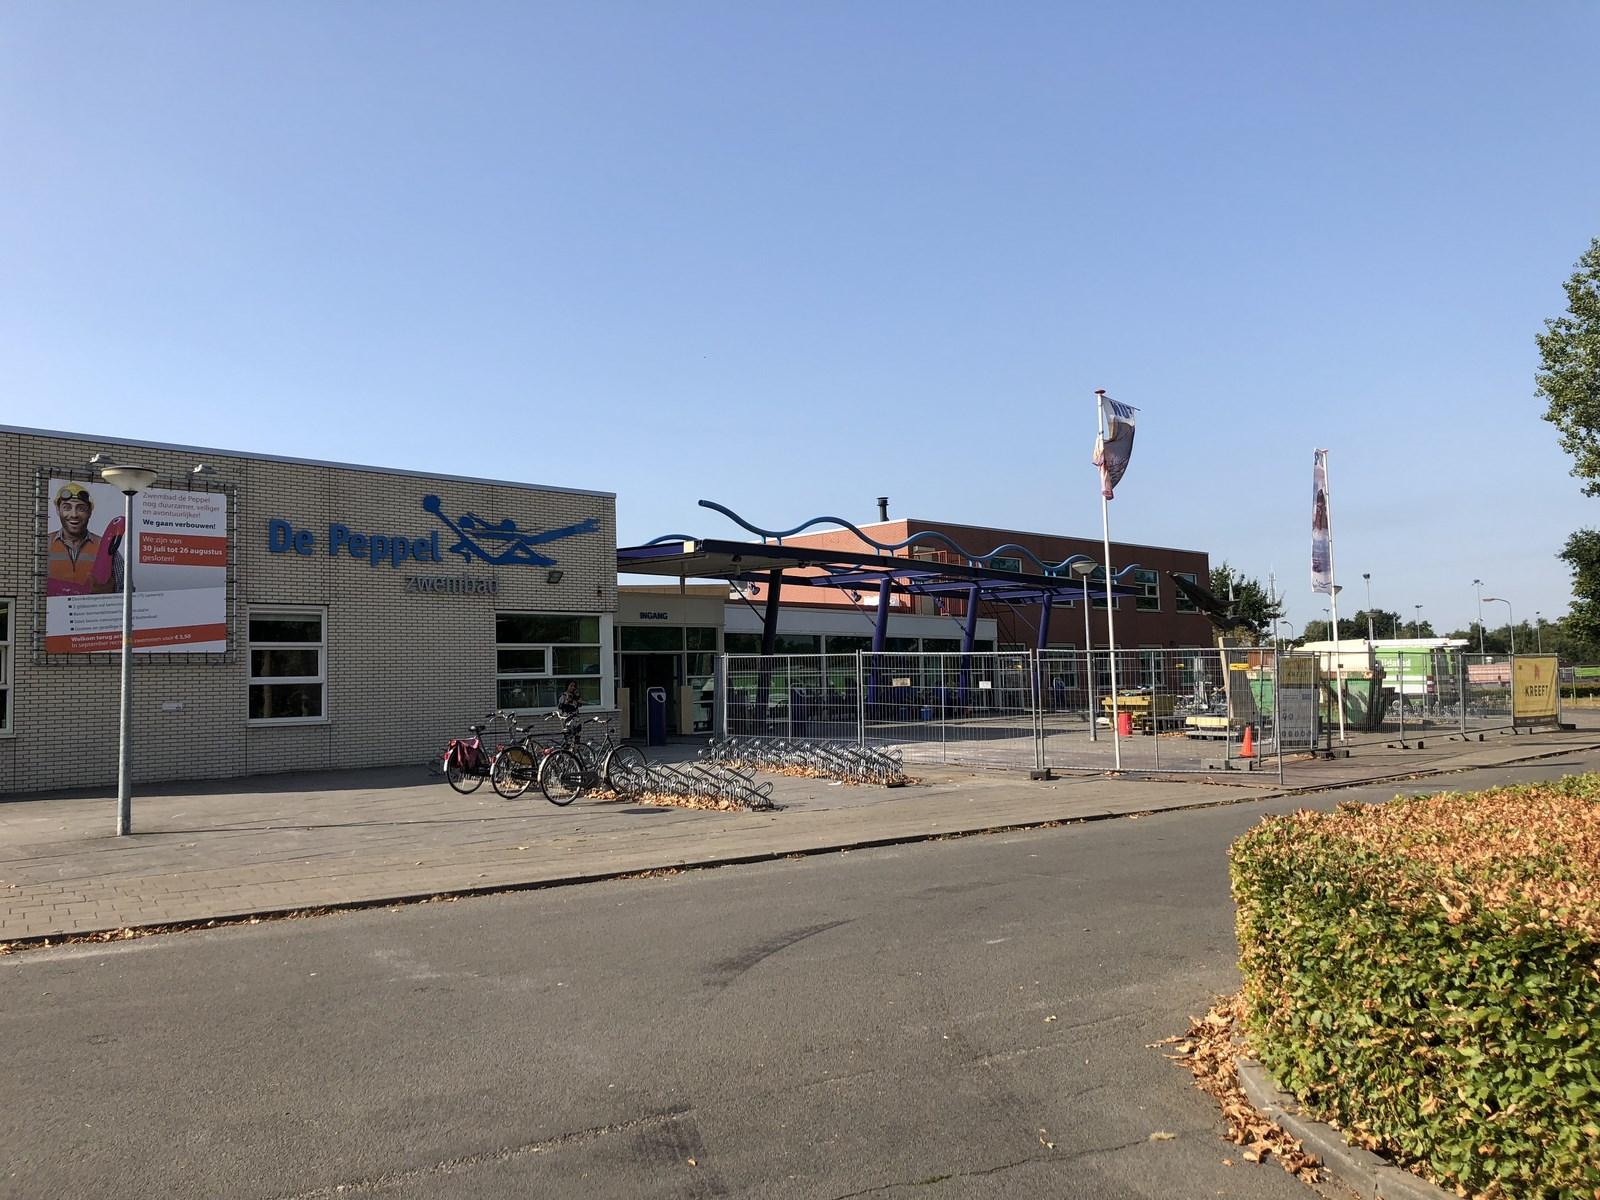 Zwembad De Peppel : Verbouwing zwembad de peppel u bouwbedrijf kreeft